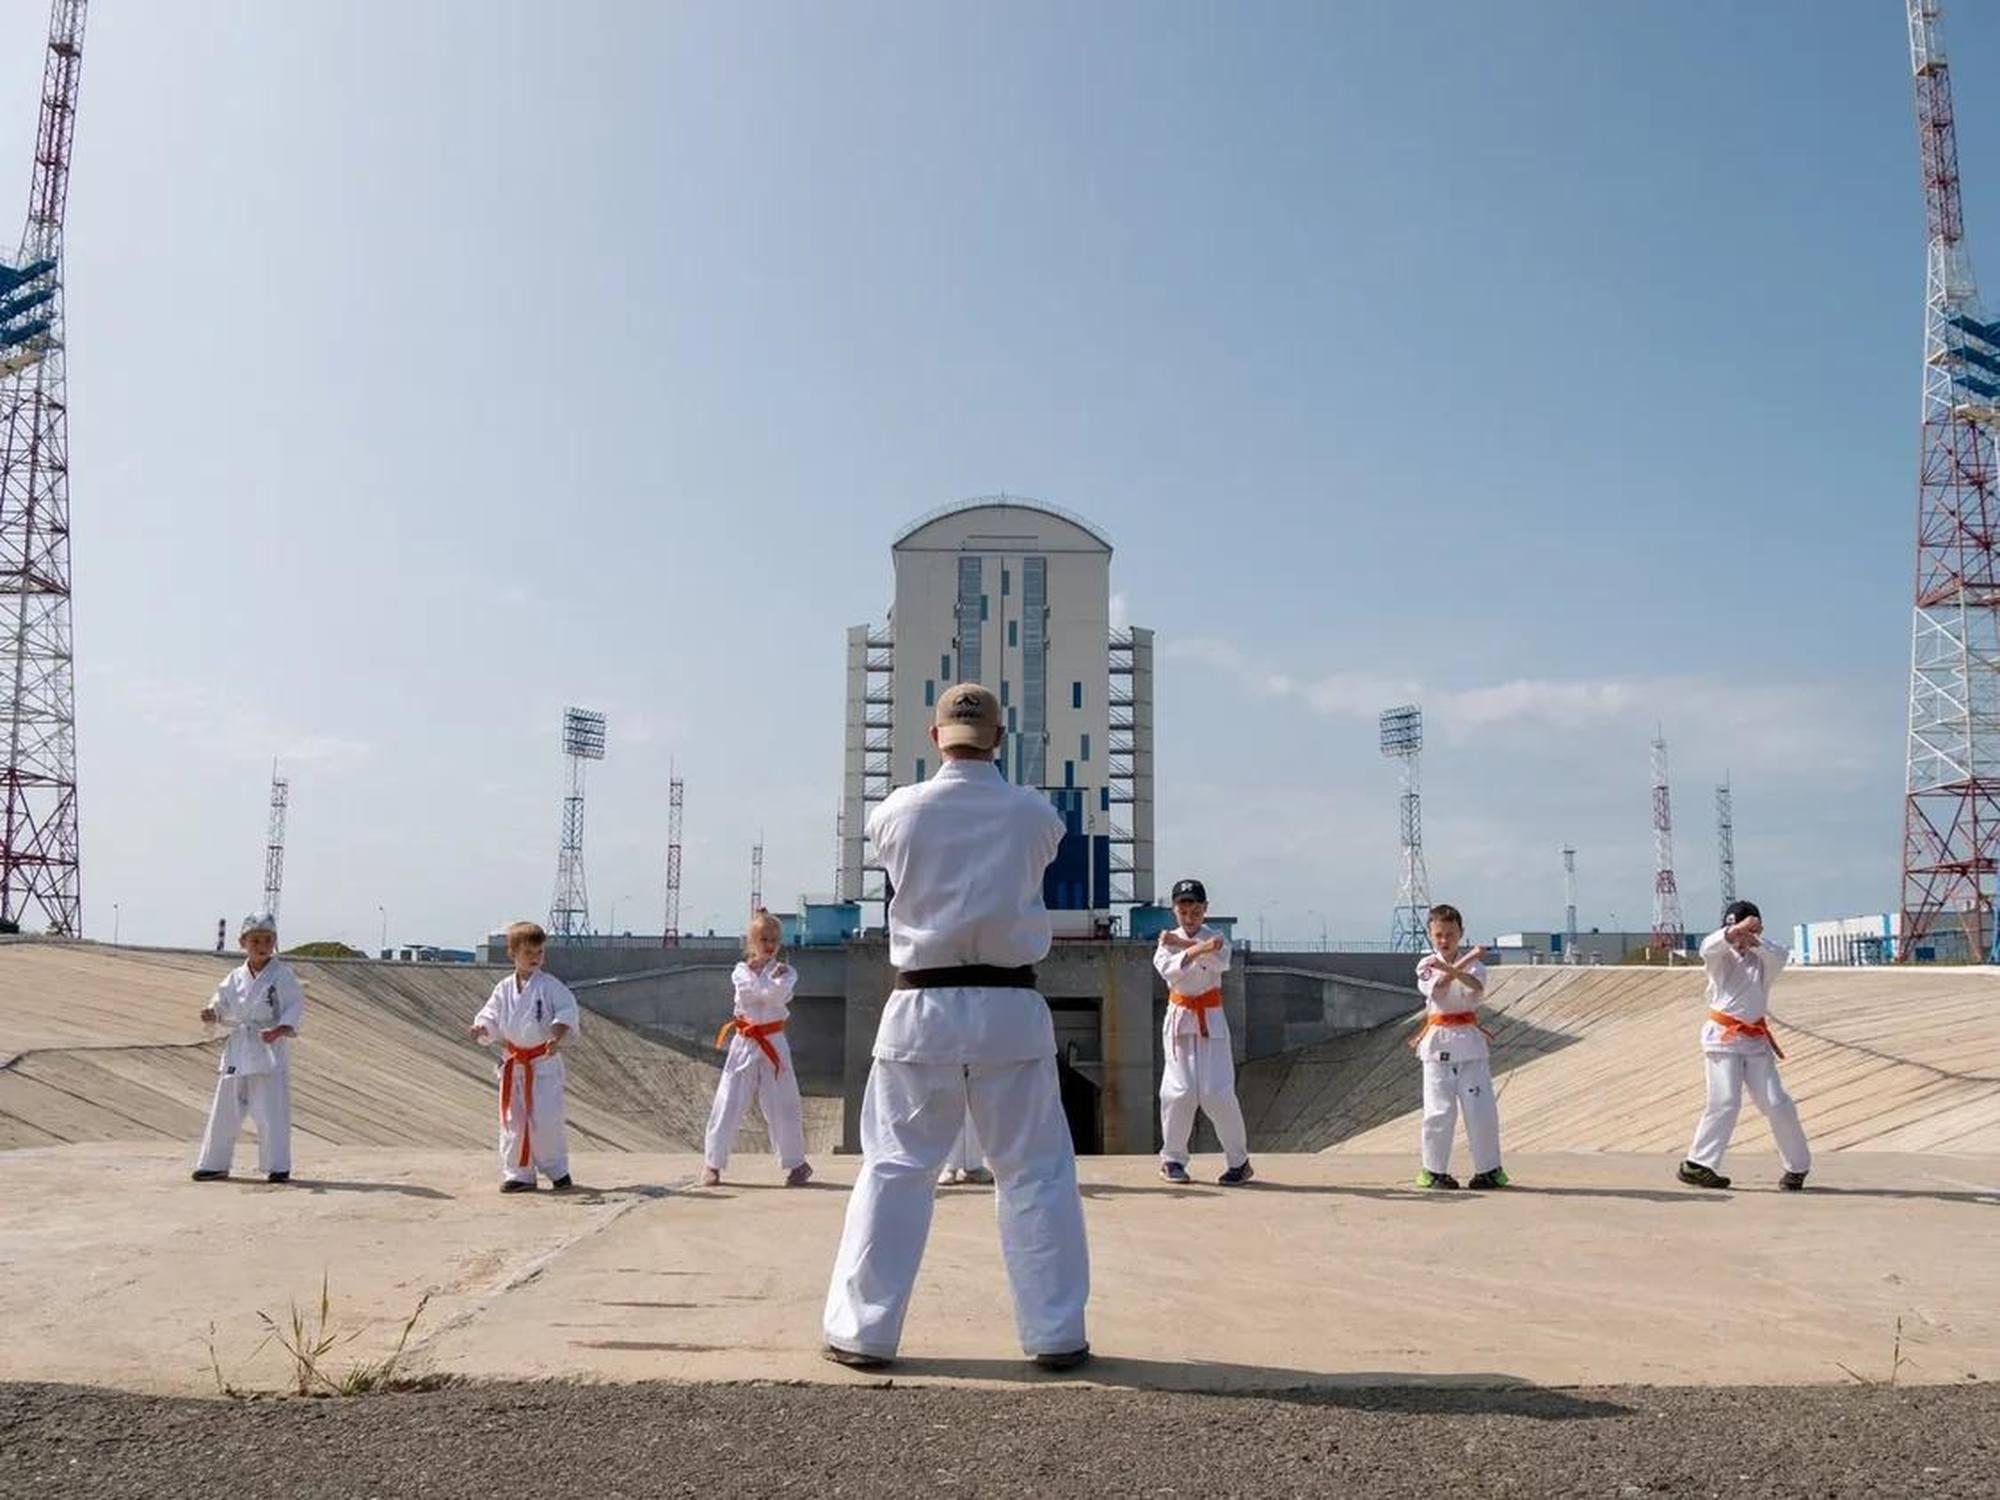 Le 13 août 2021, le cosmodrome Vostochny a été visité par les étudiants de la branche Amour de la Fédération nationale russe de karaté Kyokushinkai. 13 jeunes athlètes se sont familiarisés avec le dispositif du complexe de lancement pour le lanceur Soyouz-2 et le bâtiment d'assemblage et d'essai pour les lanceurs.